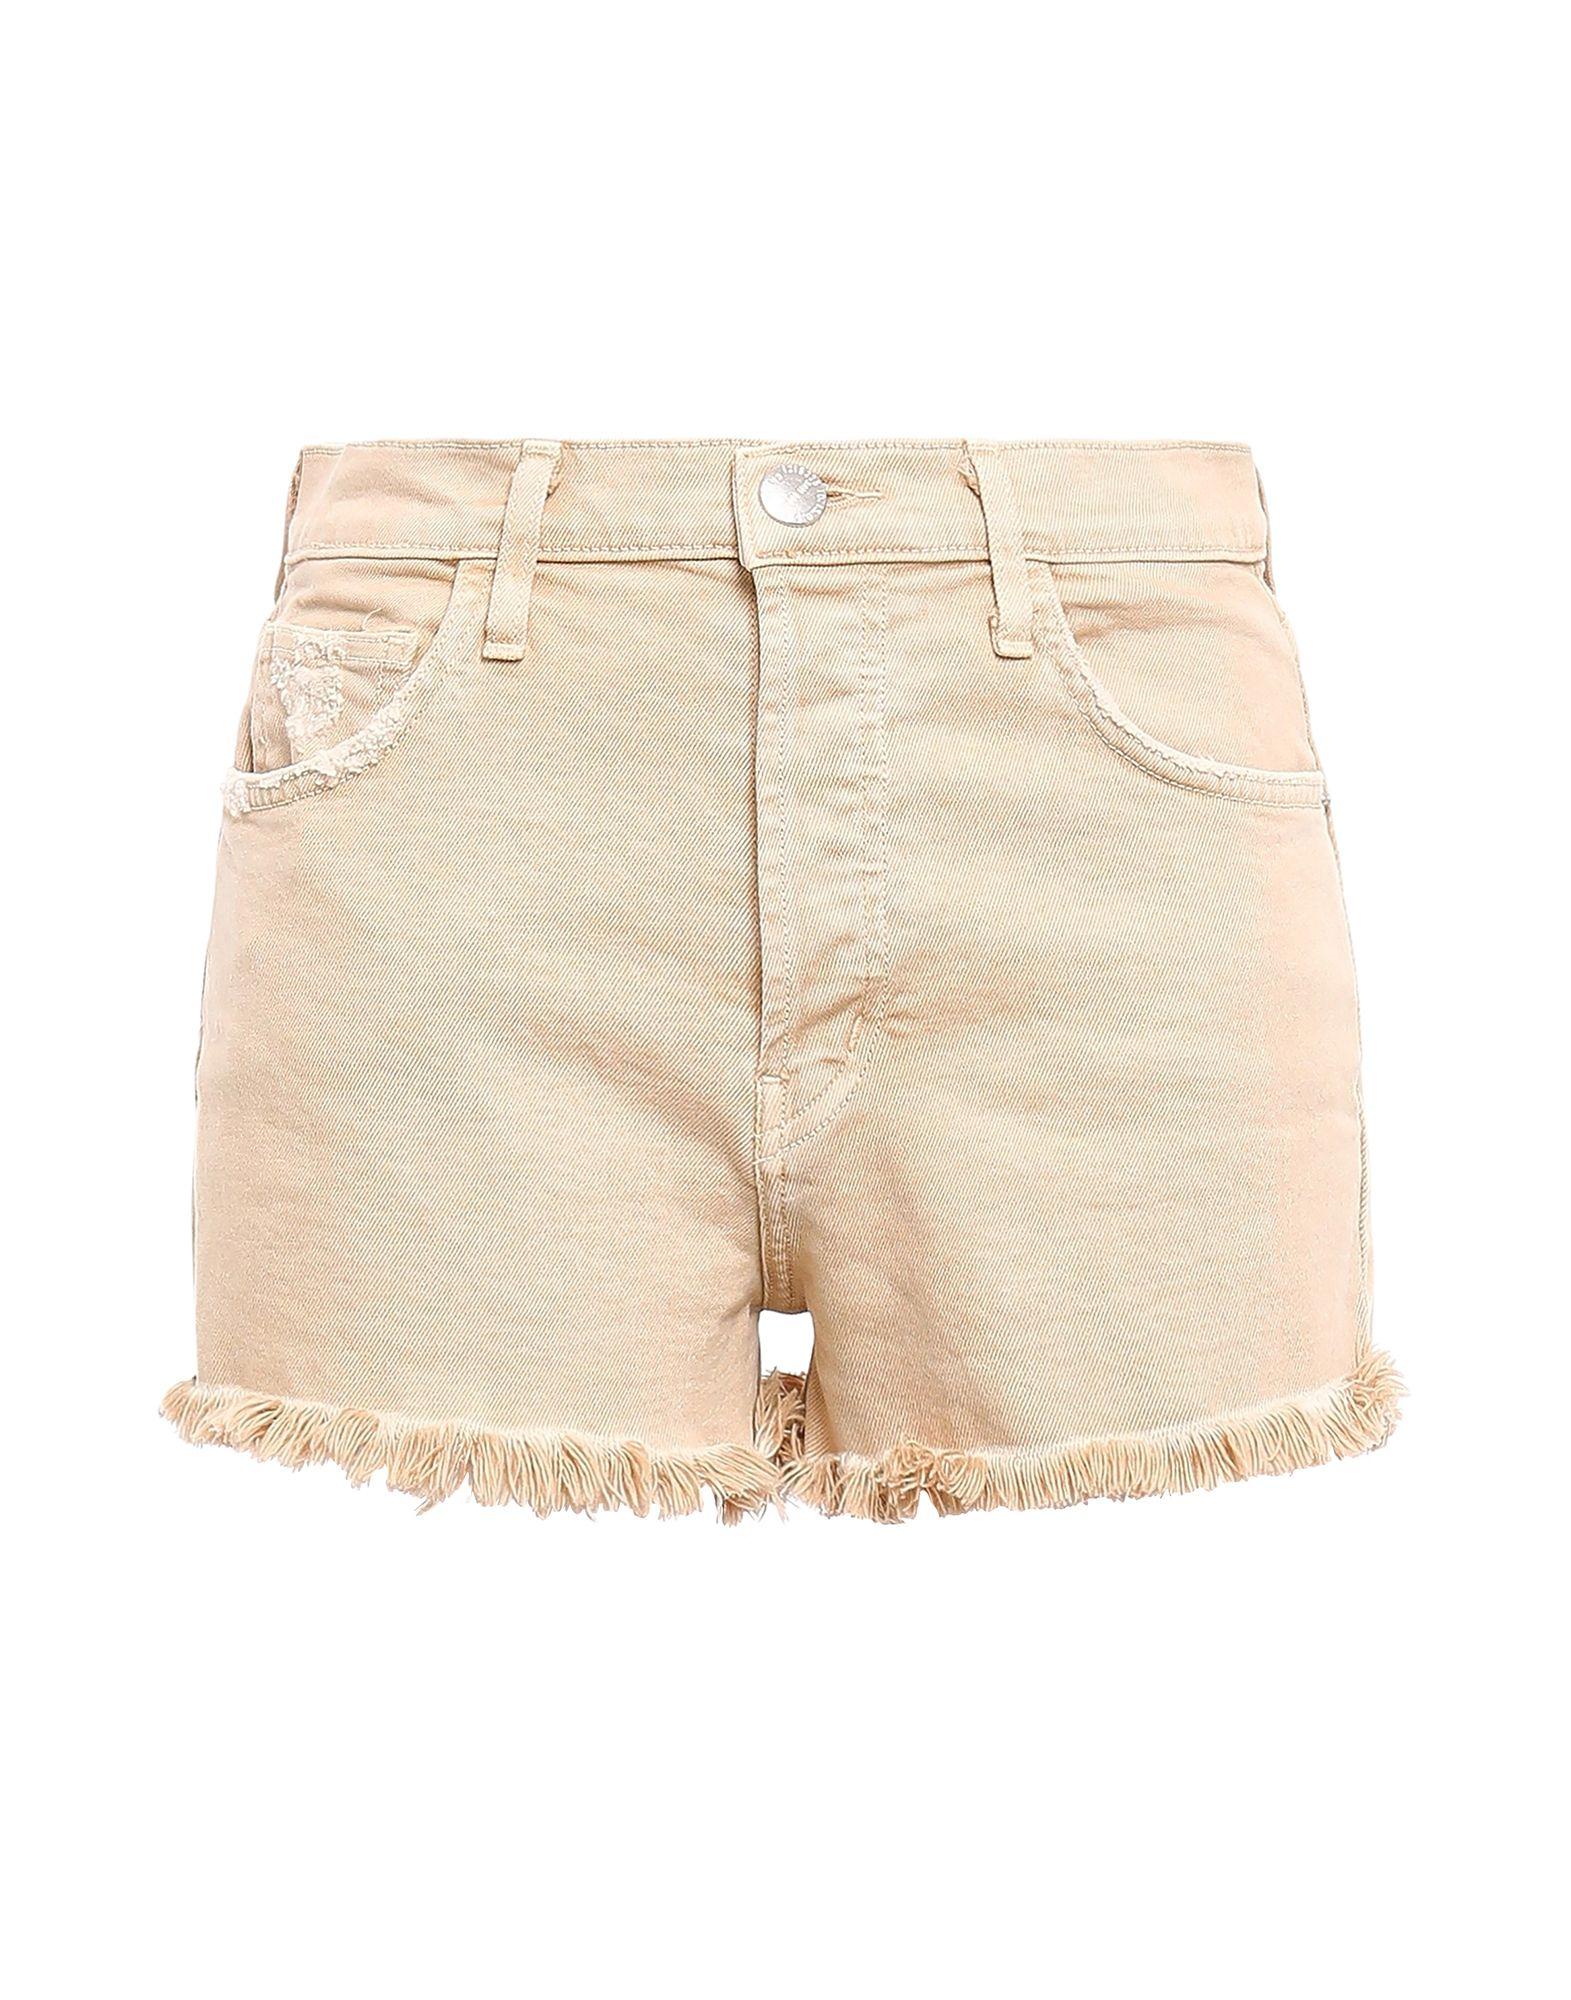 CURRENT/ELLIOTT Denim shorts - Item 42798840